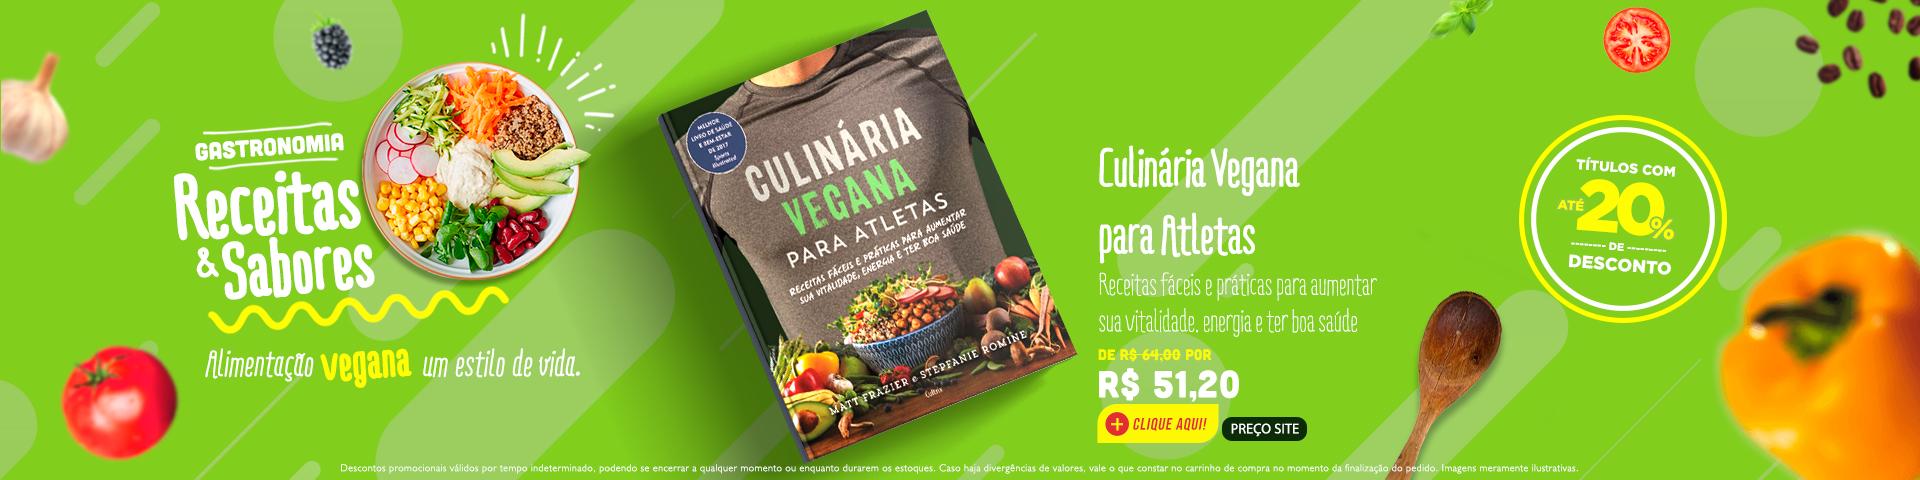 Gastronomia - Culinária vegana para atletas